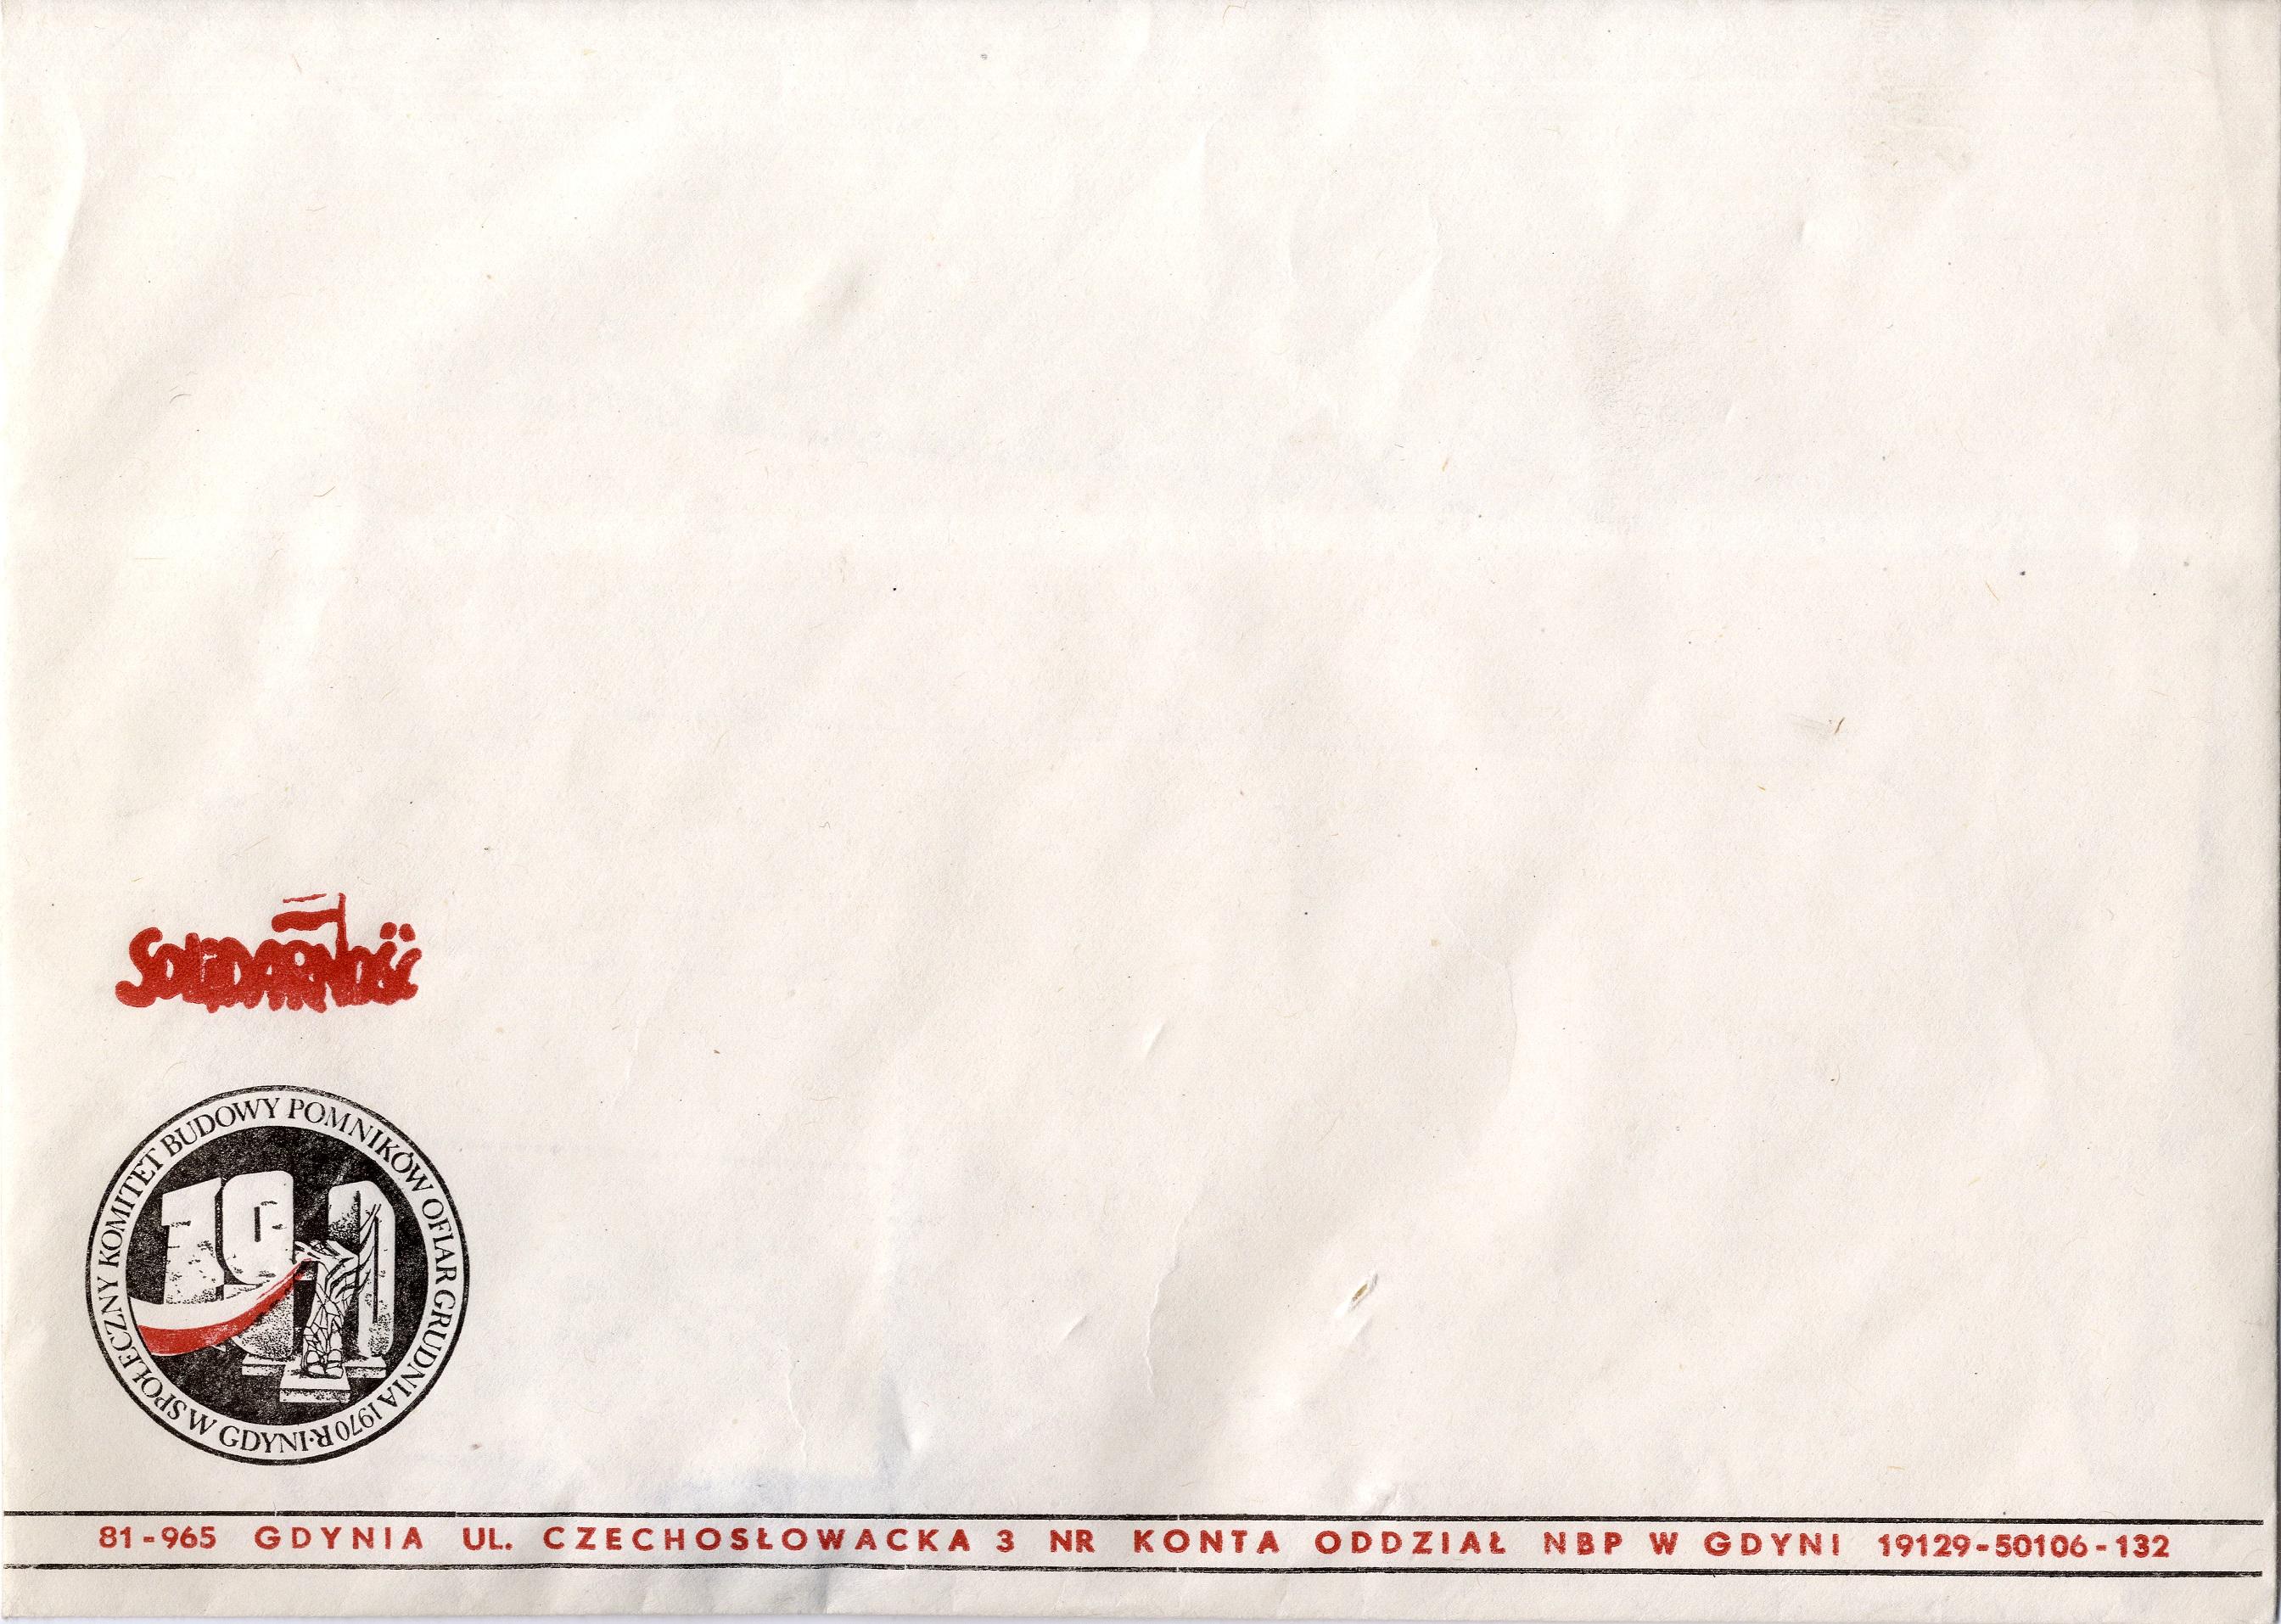 AKKS 347-030-105 - 001